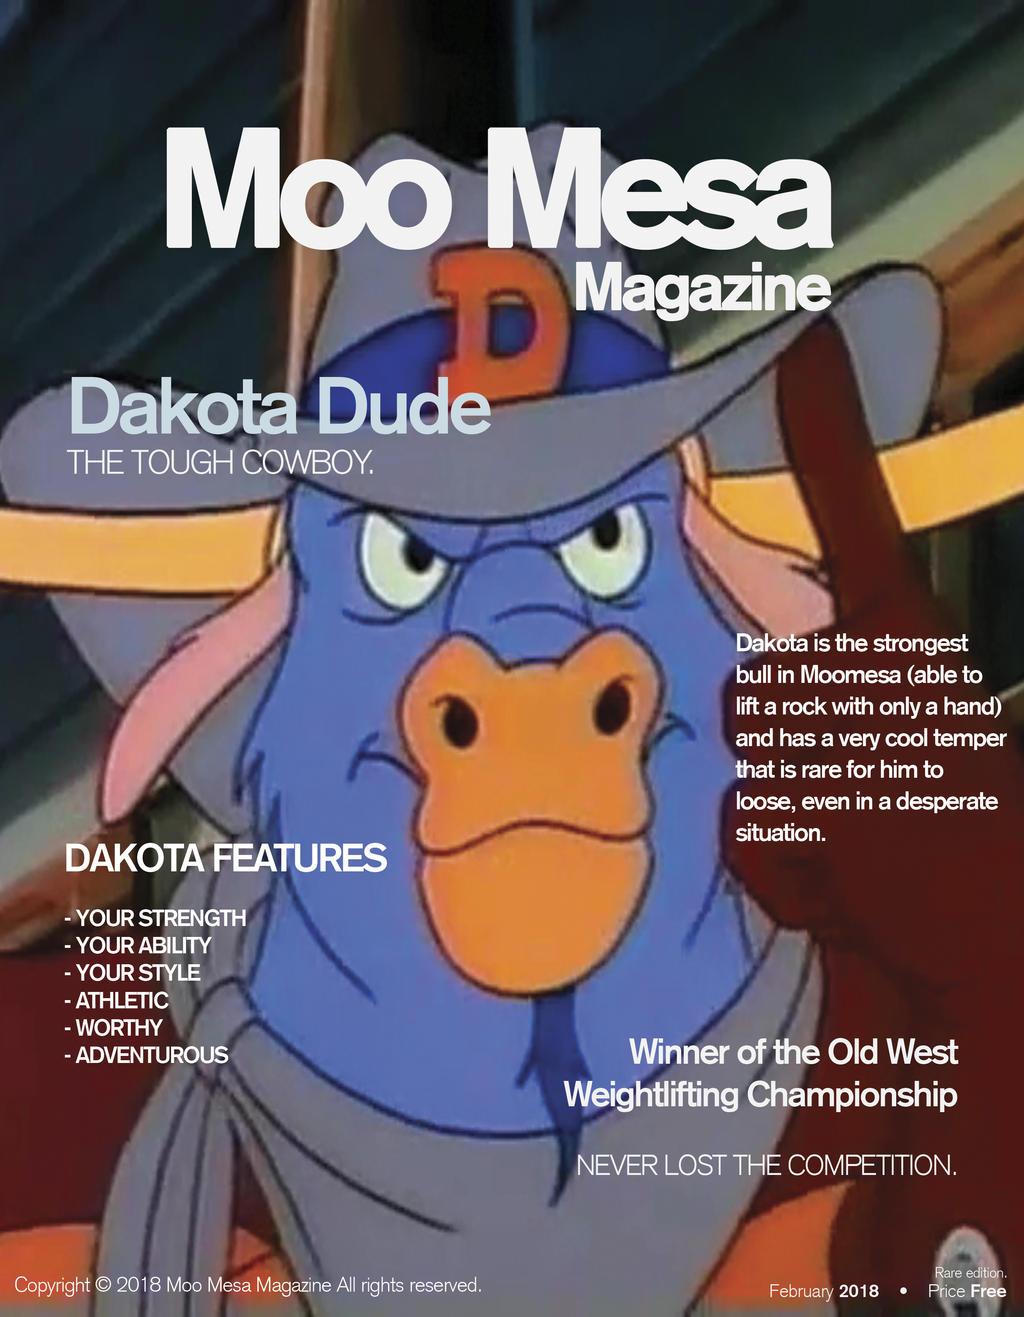 Moo Mesa Magazine #2: Dakota Dude by CCB-18